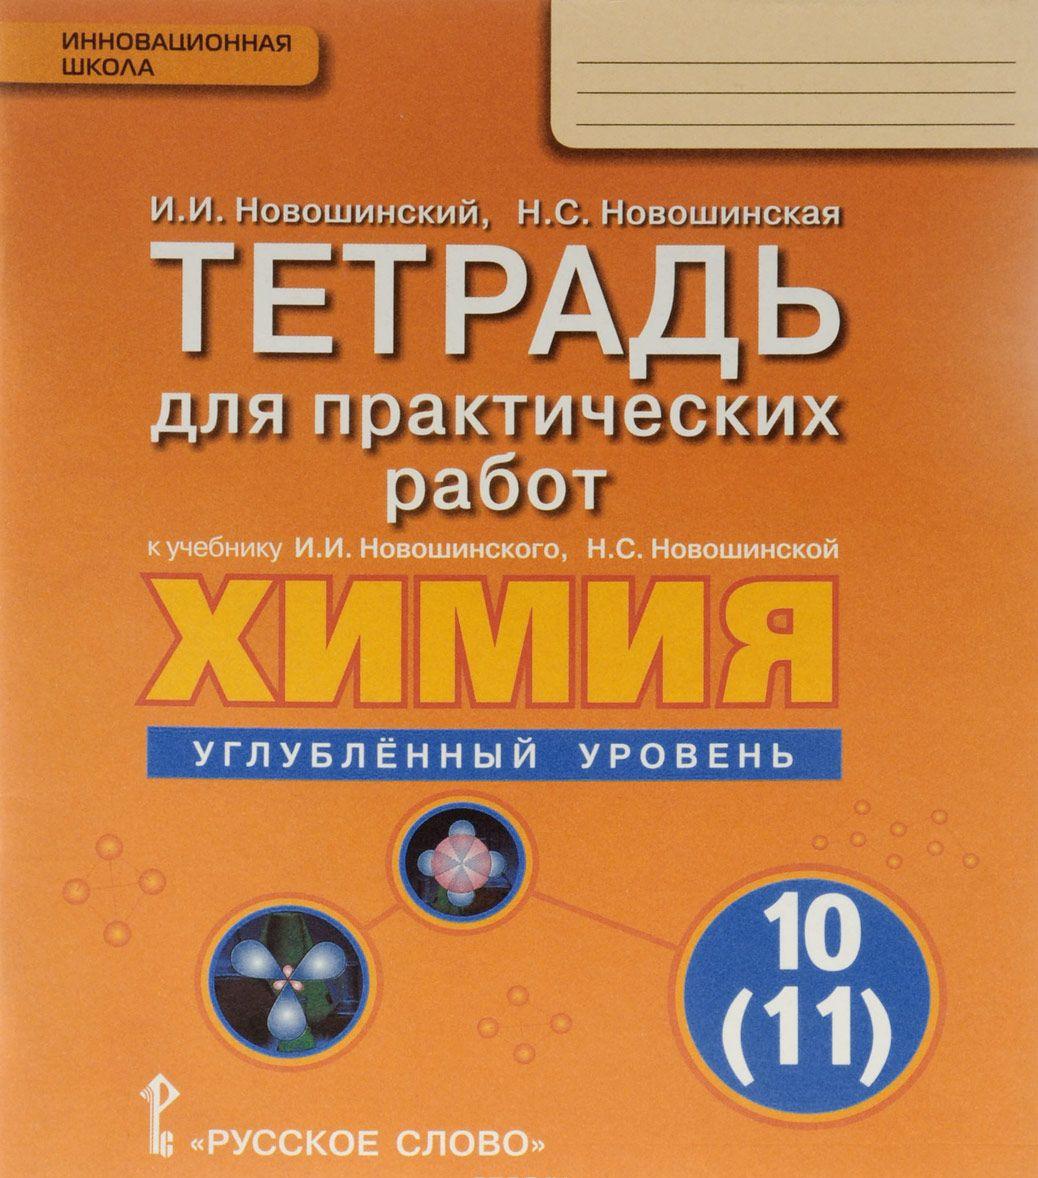 Khimija. 10 (11) klass. Uglubljonnyj uroven. Tetrad k uchebniku I. I. Novoshinskogo, N. S. Novoshinskoj